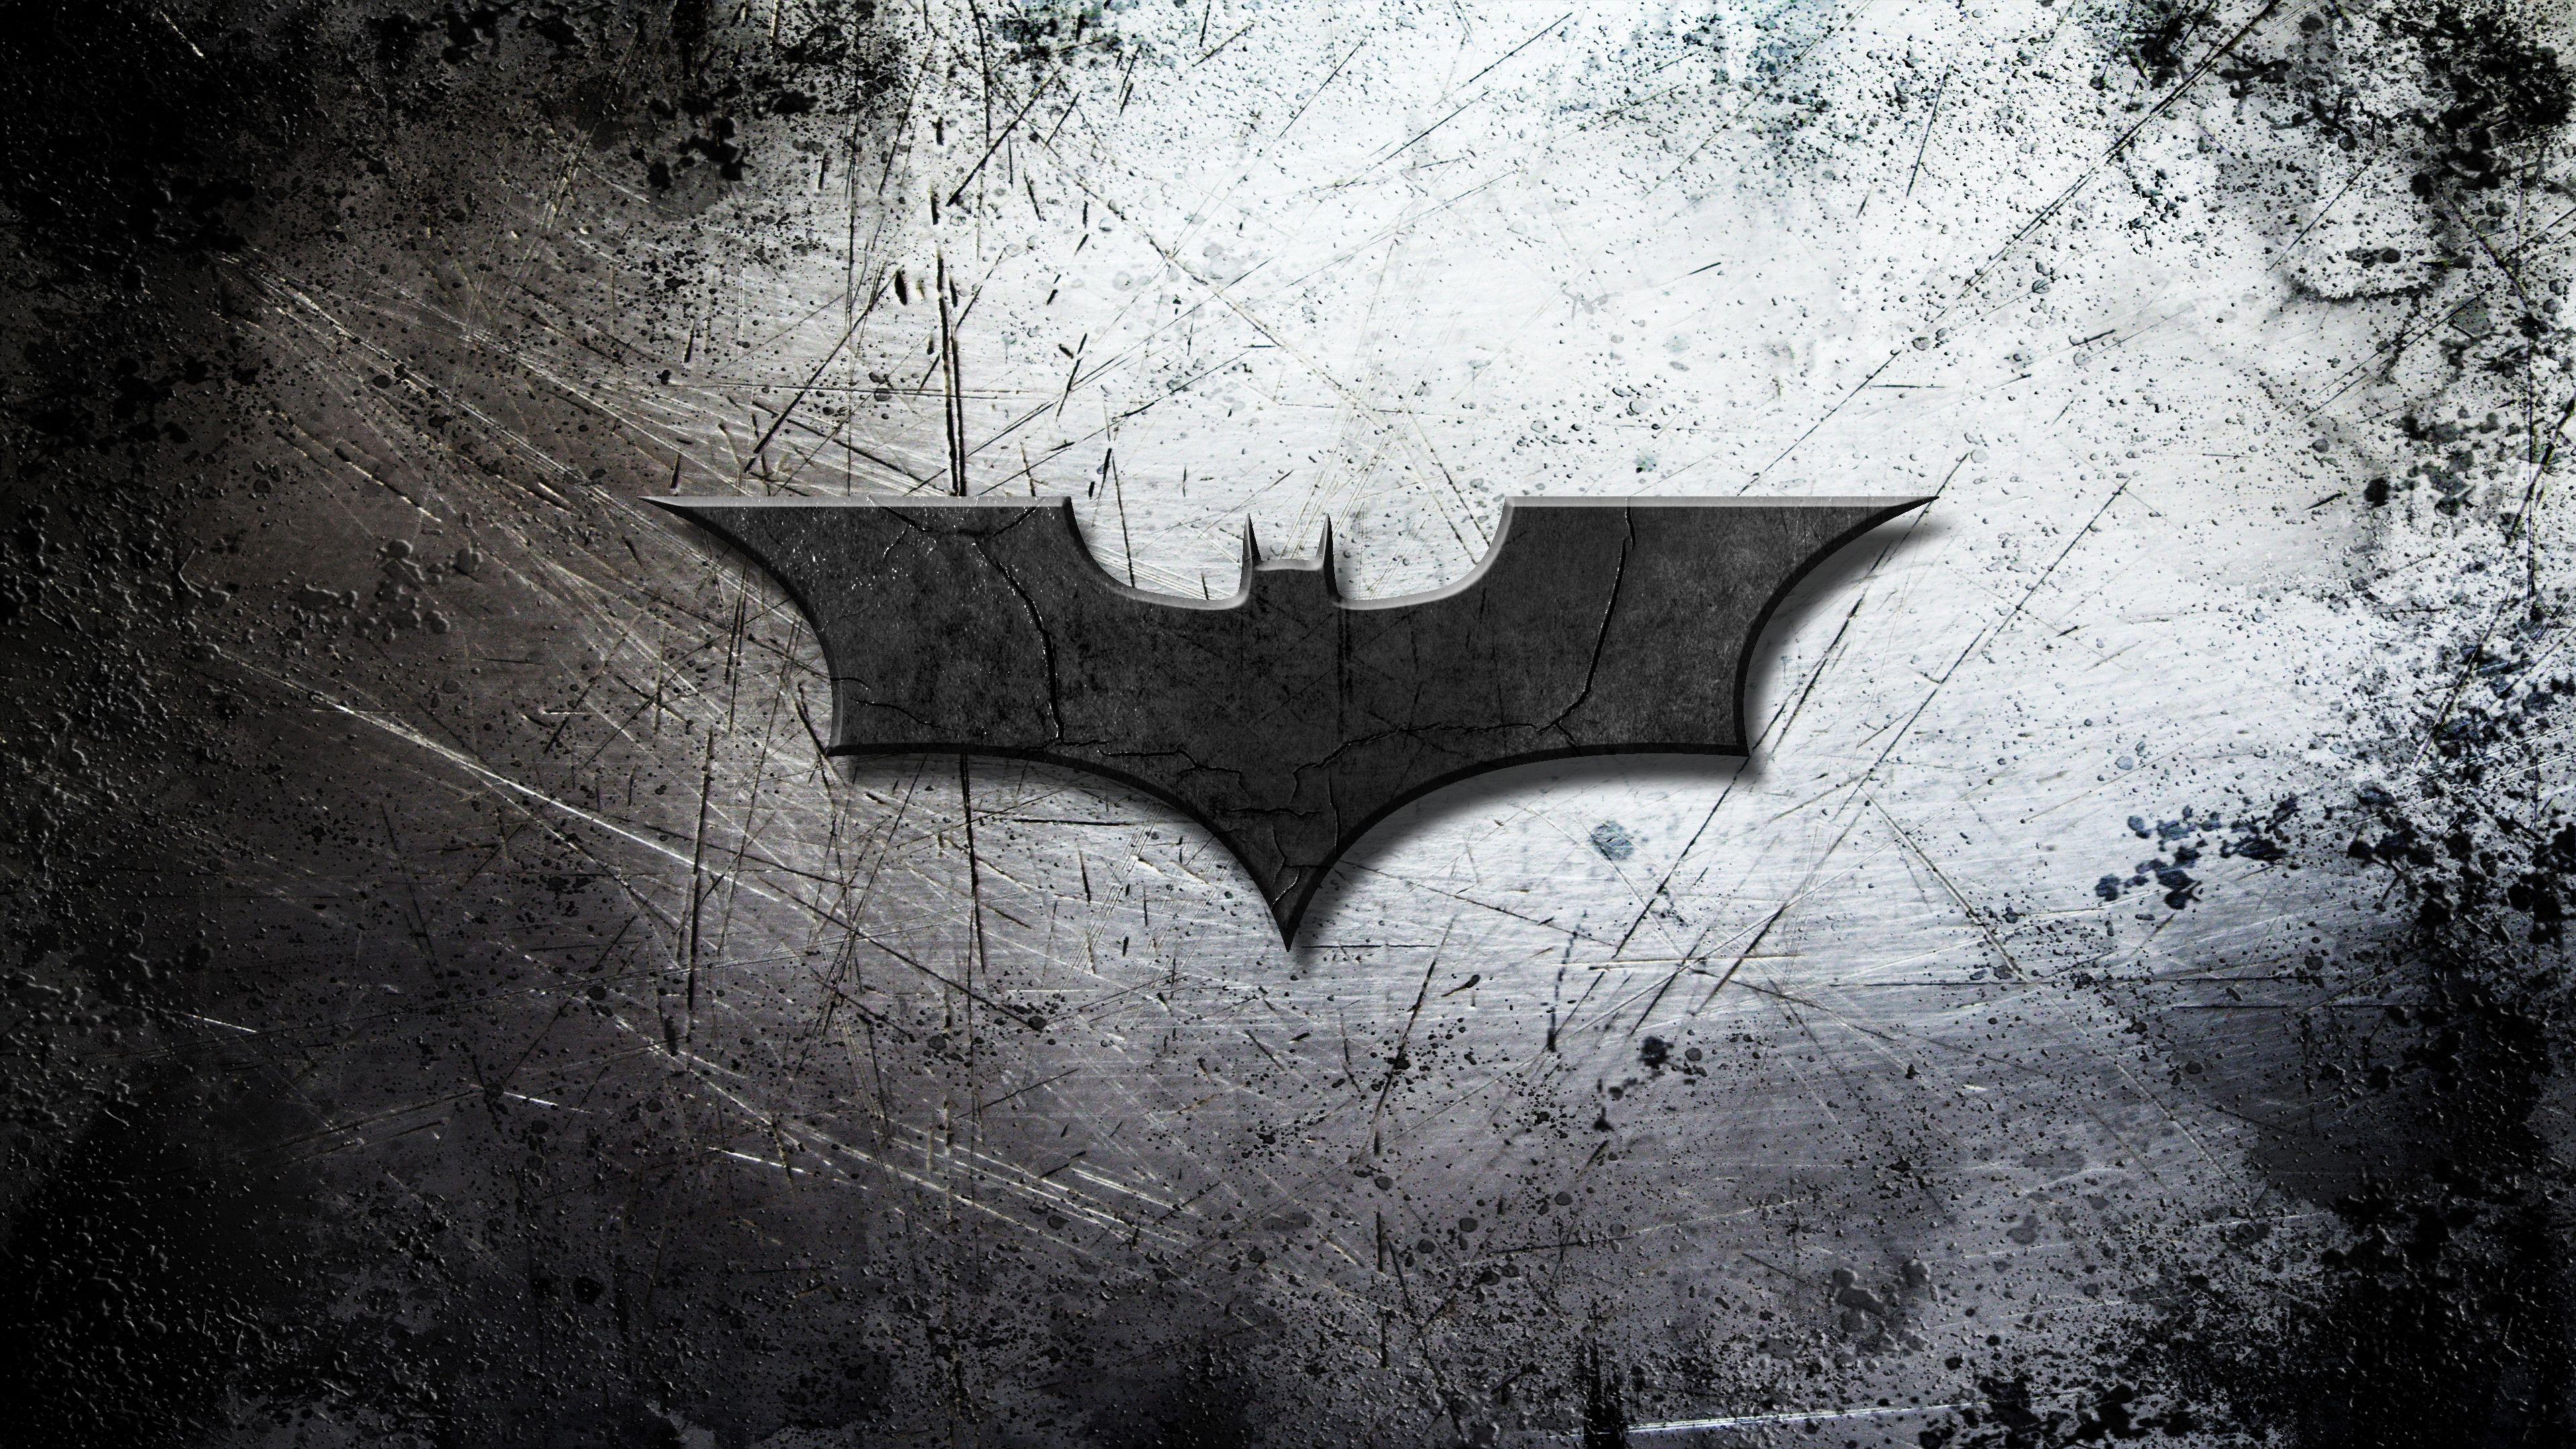 4k Wallpaper Dump Batman Wallpaper Hd Batman Wallpaper Batman